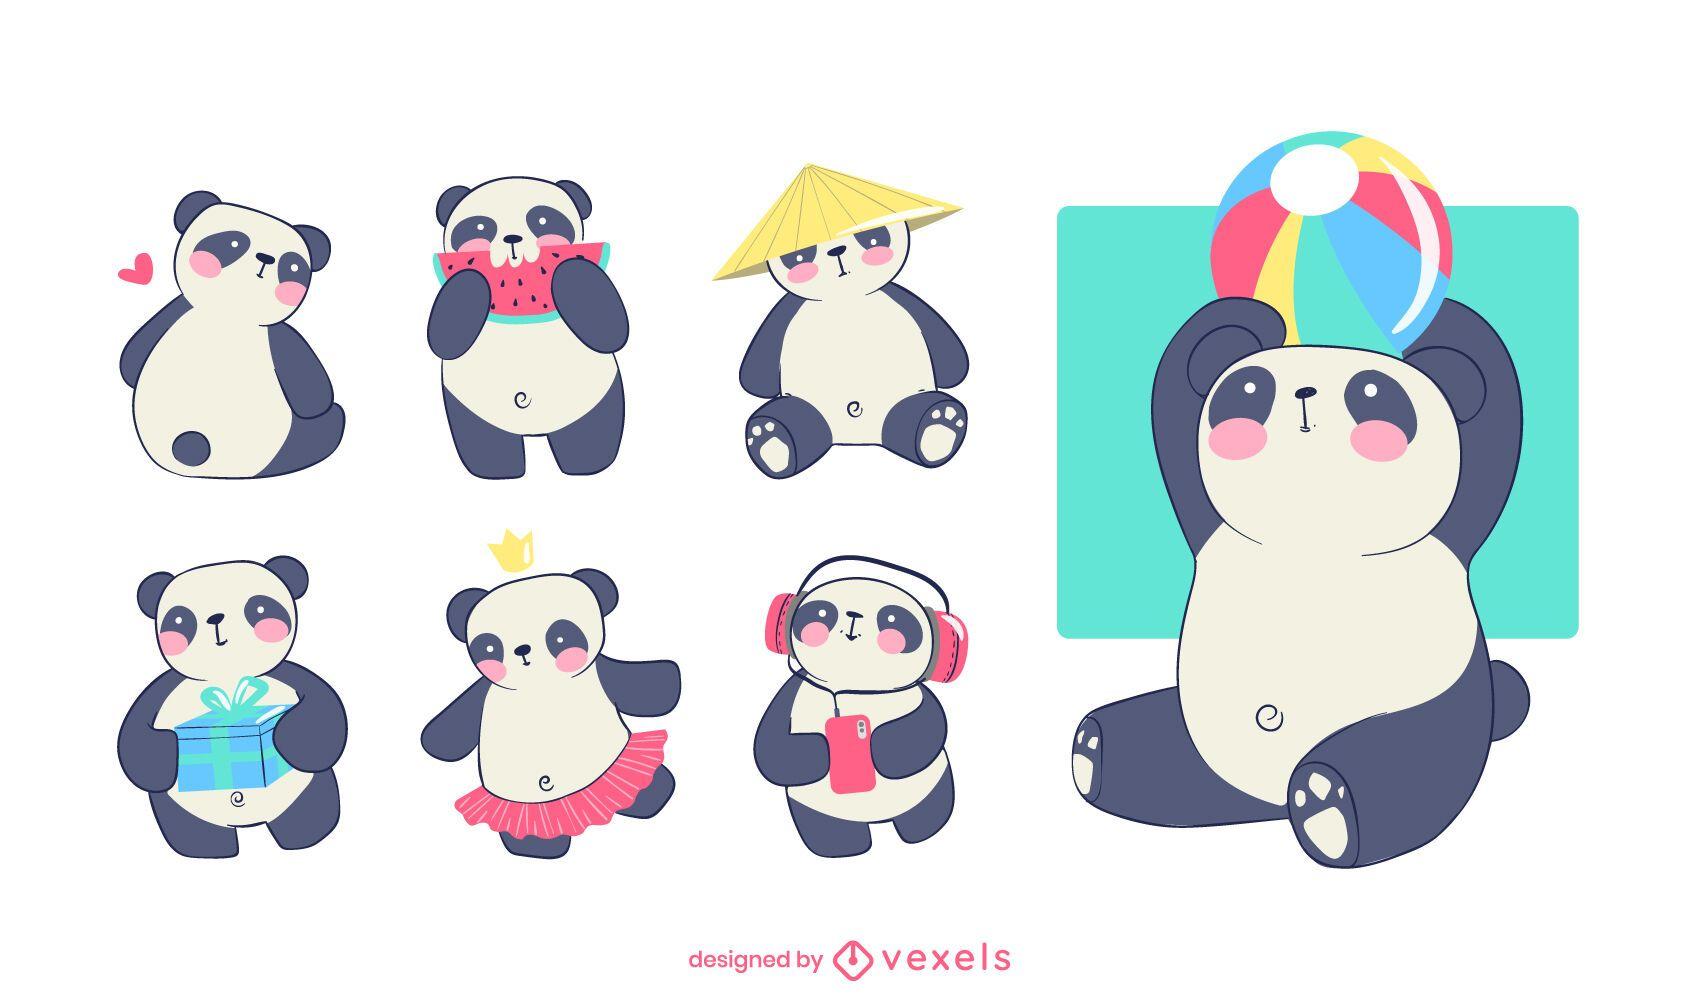 Cute panda character set design